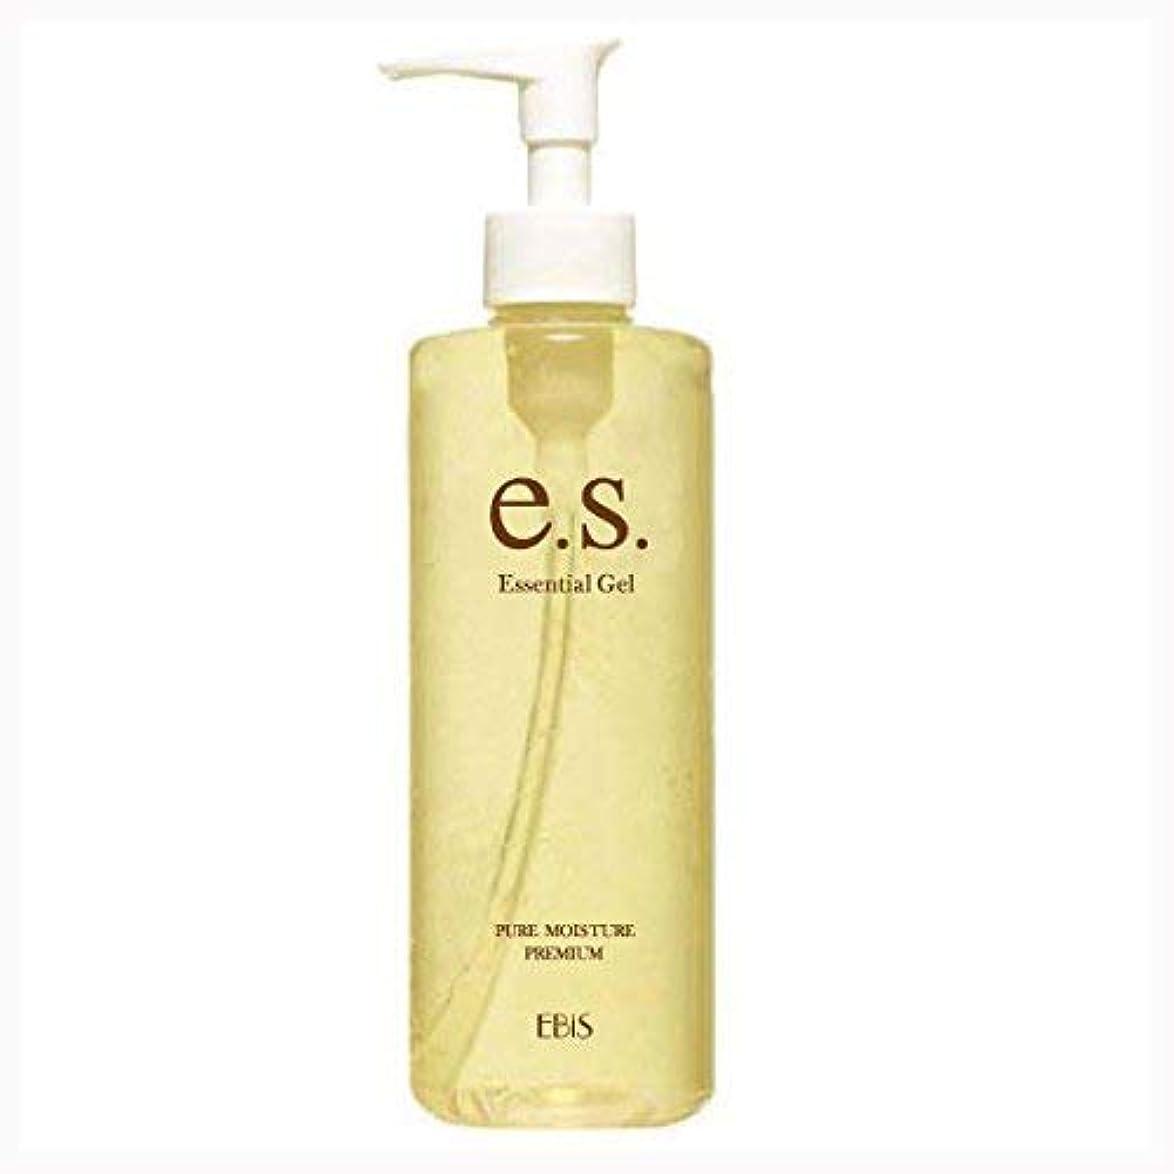 とんでもないこんにちは目に見えるエビス化粧品(EBiS) イーエスエッセンシャルジェル (310g) 美顔器ジェル 無添加処方 アルコールフリー 日本製 男女兼用 保湿ジェル